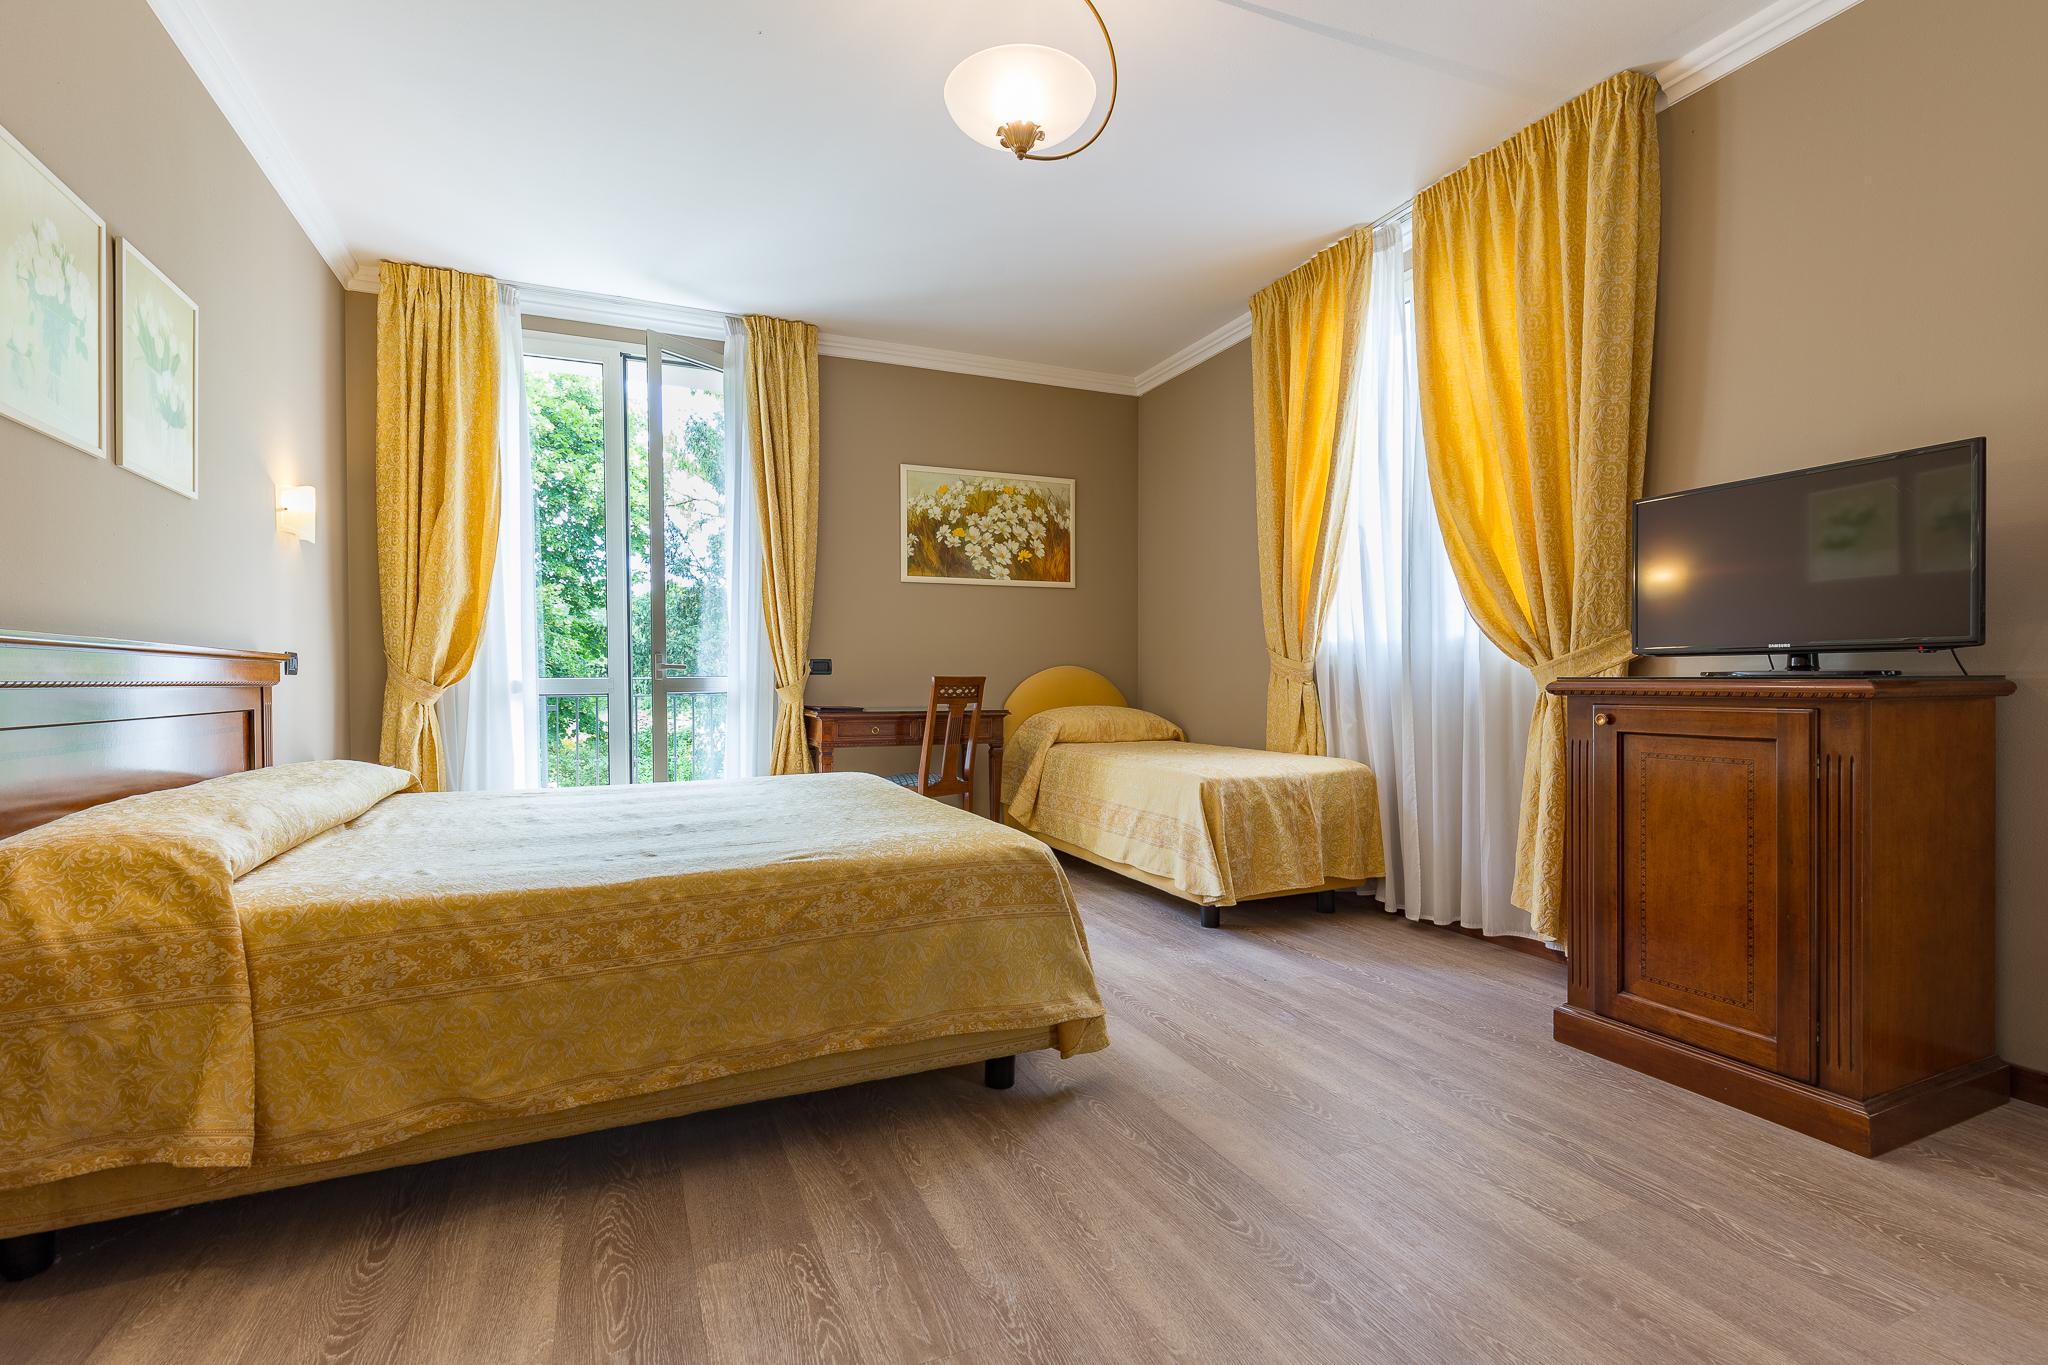 hotel_castello-9279-HDR-78